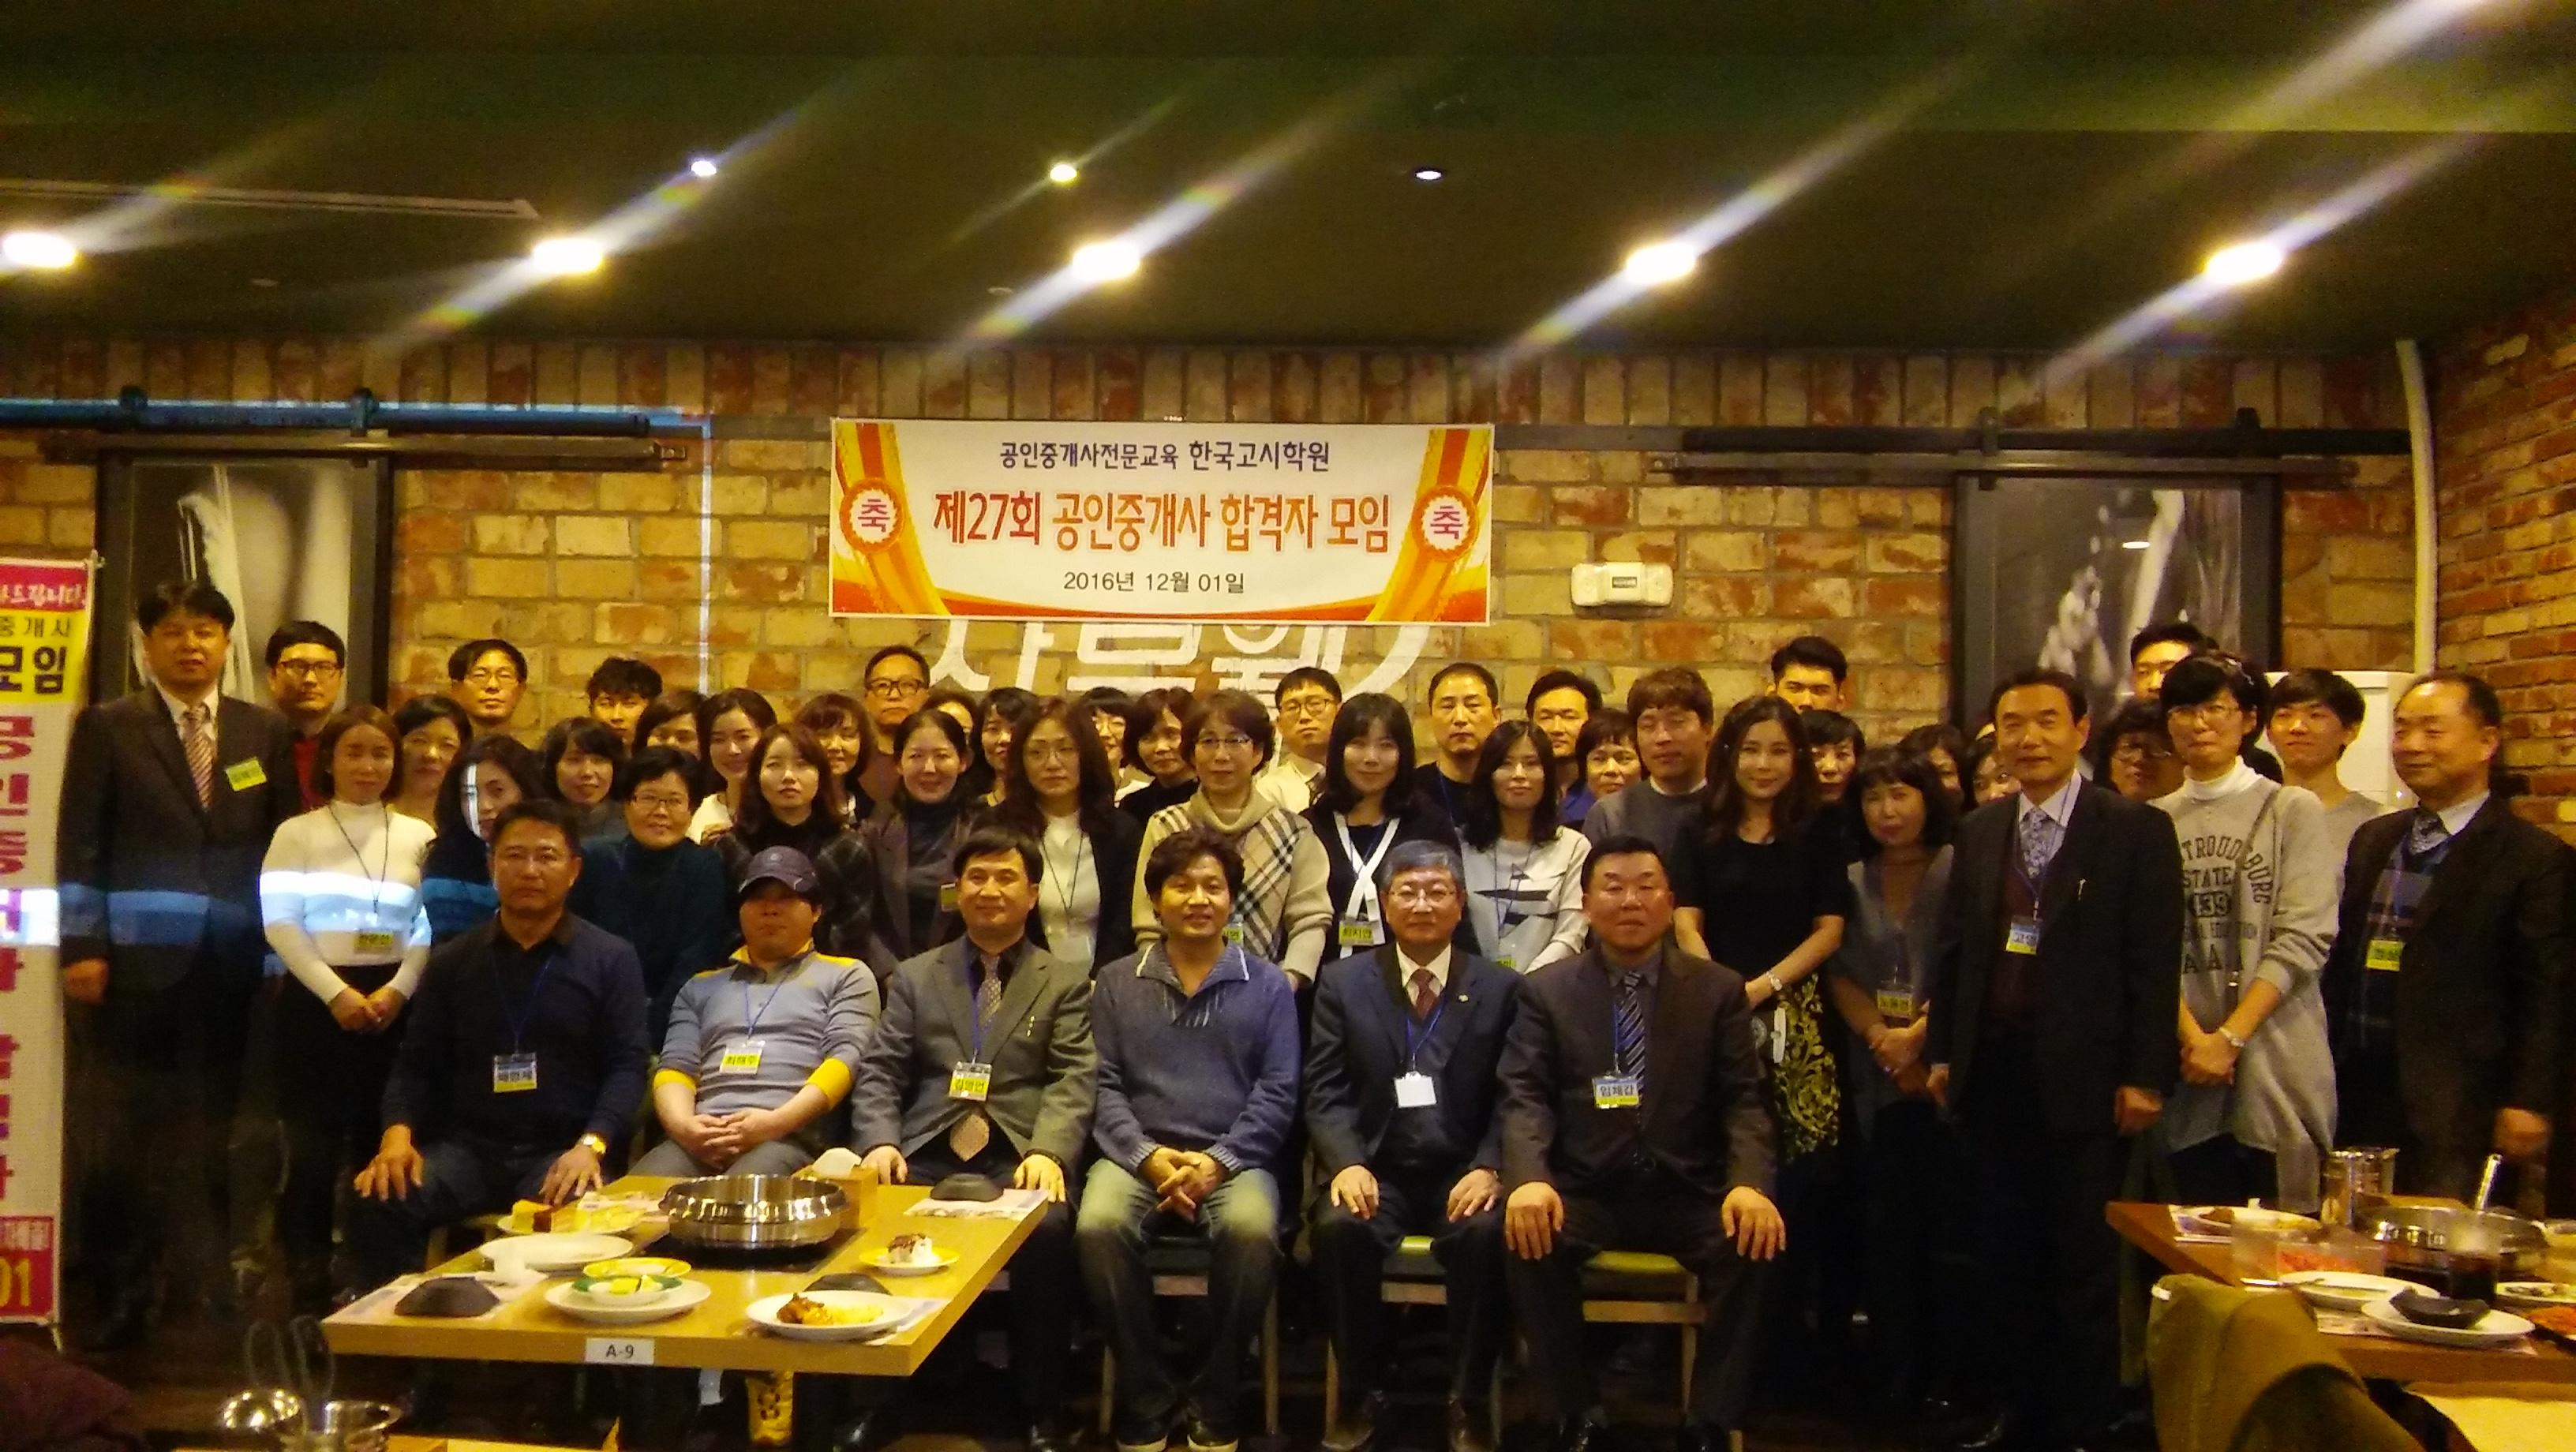 2016년 공인중개사 모임